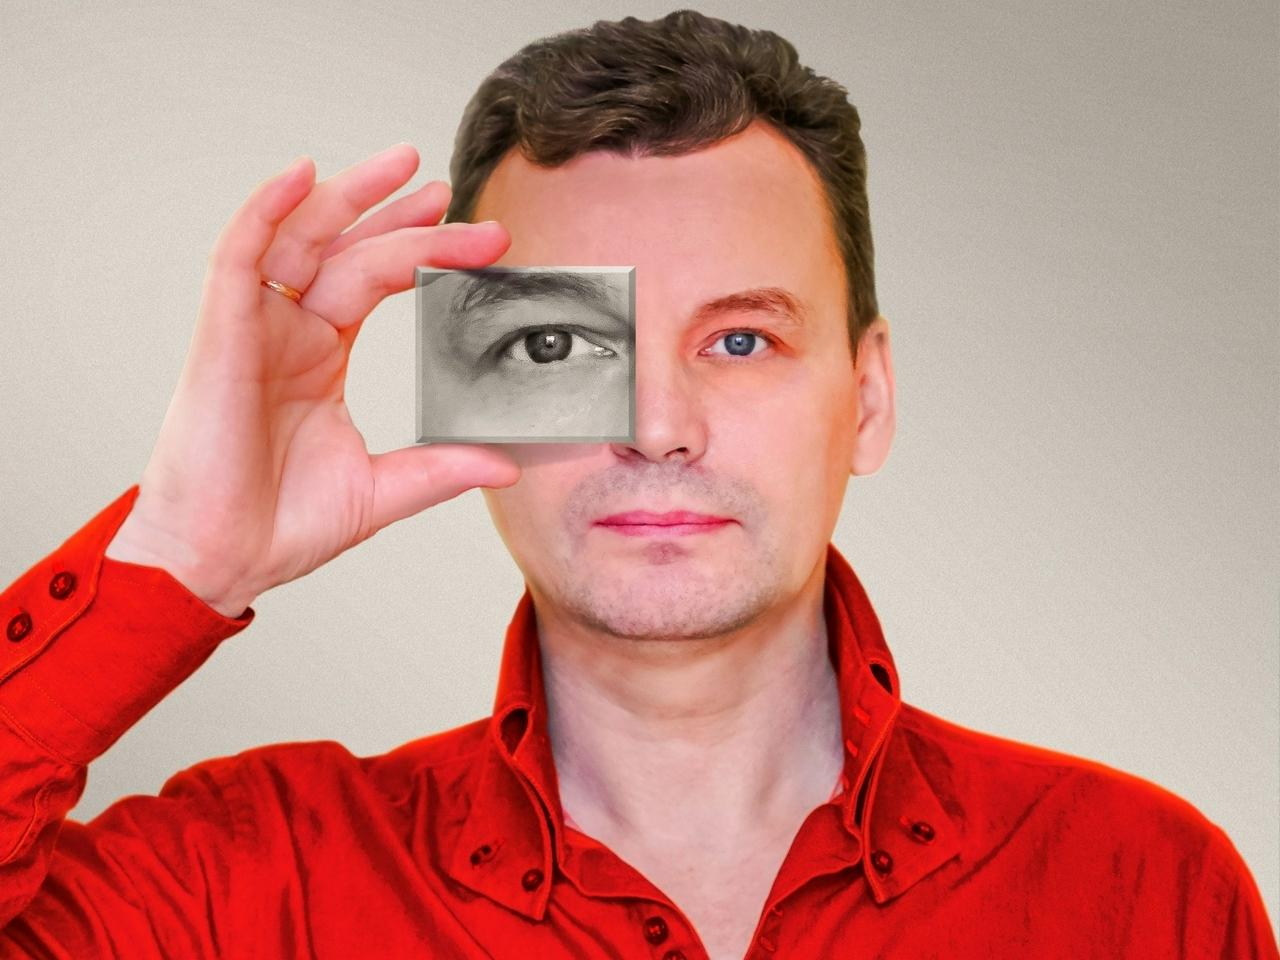 фото Микроминиатюрист из Новосибирска закрыл счета в «Альфа-Банке» из-за рекламы с Моргенштерном 2